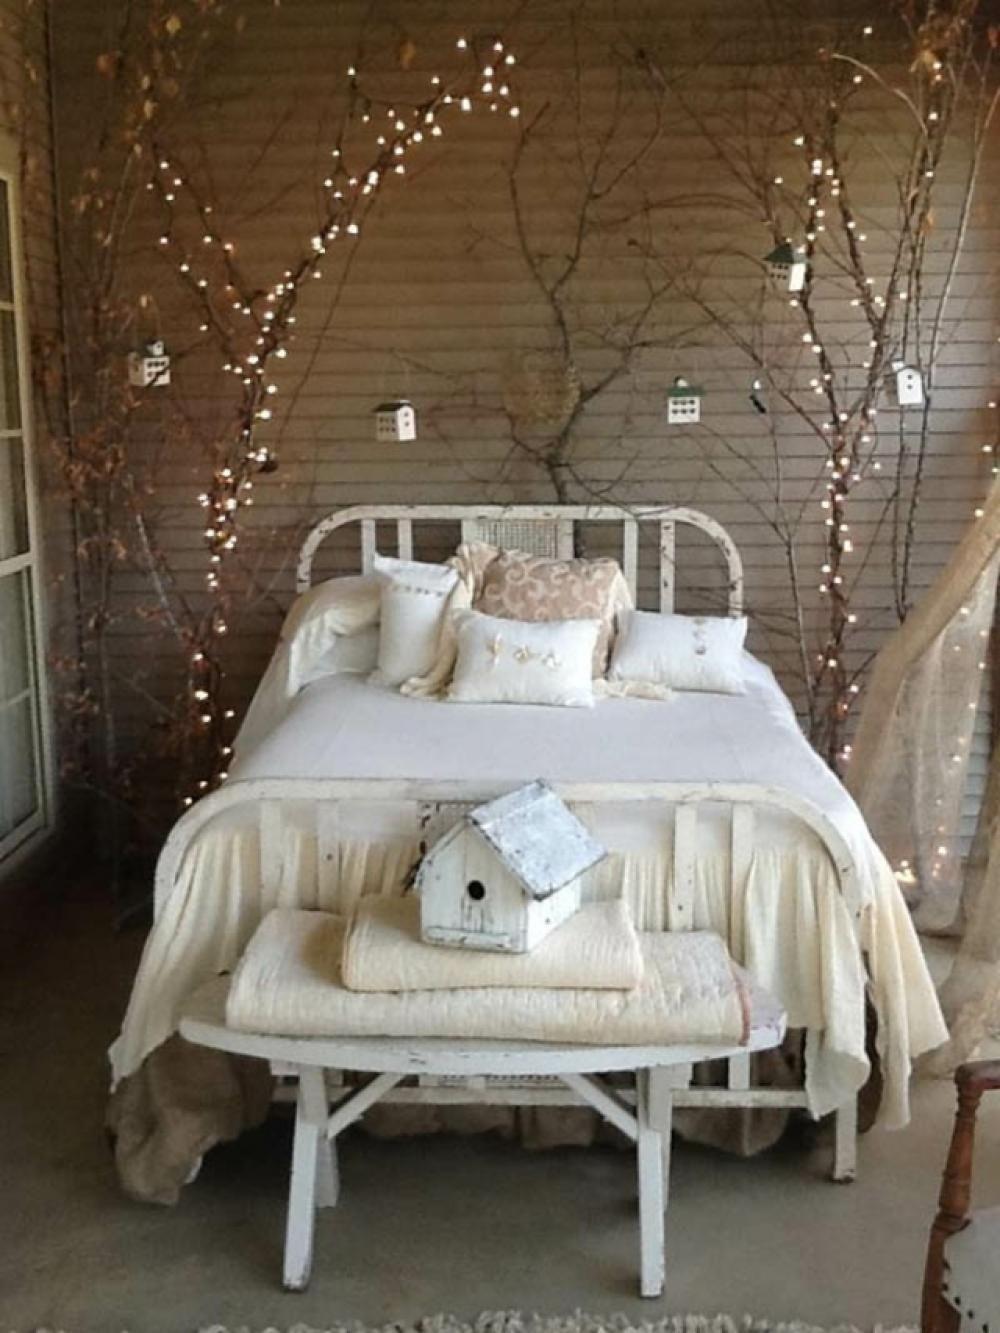 Intéressante Décoration De Noël Pour Une Chambre Sympa Chambres - Canapé convertible scandinave pour noël des chambres a coucher